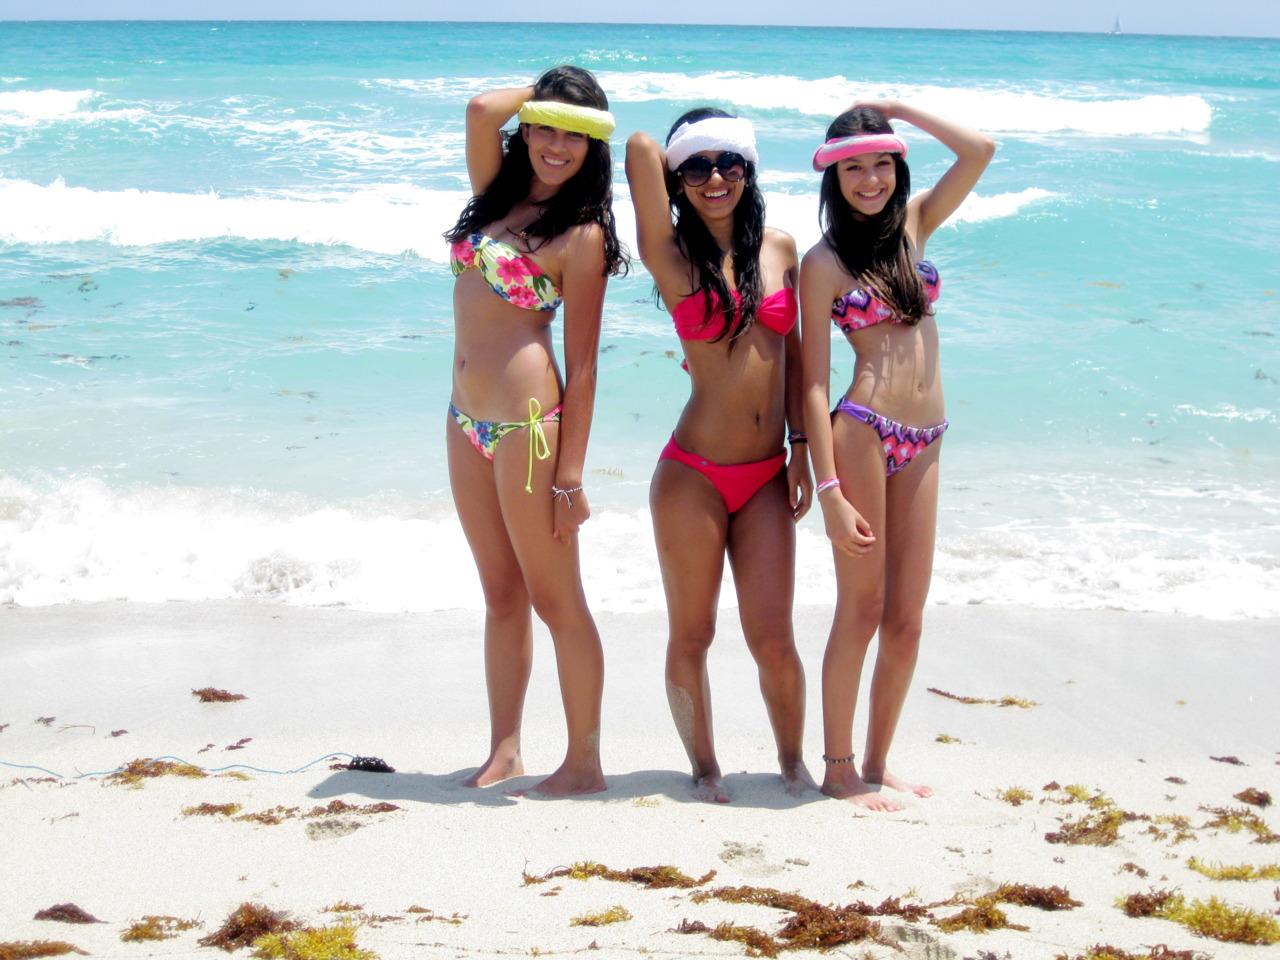 http://3.bp.blogspot.com/-euH4xAfZstM/TsPAsZ9fJ6I/AAAAAAAAPgE/sJXT1bR0ISU/s1600/Brazil-Girls-Bikini+%252810675%2529.jpg